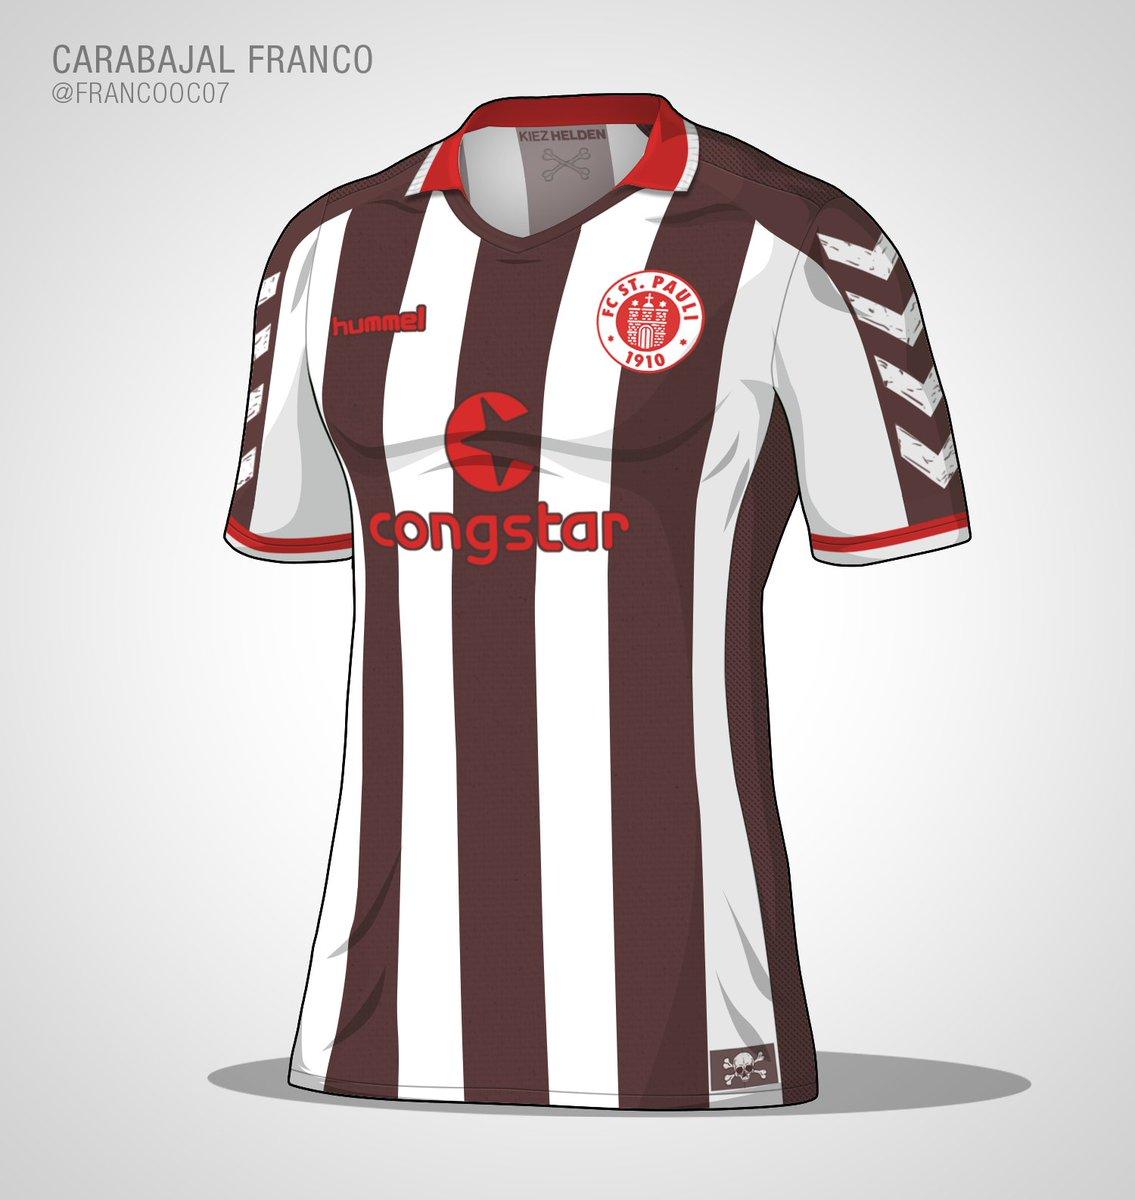 e203fa8a3eb ... Franco Carabajal on Twitter ...